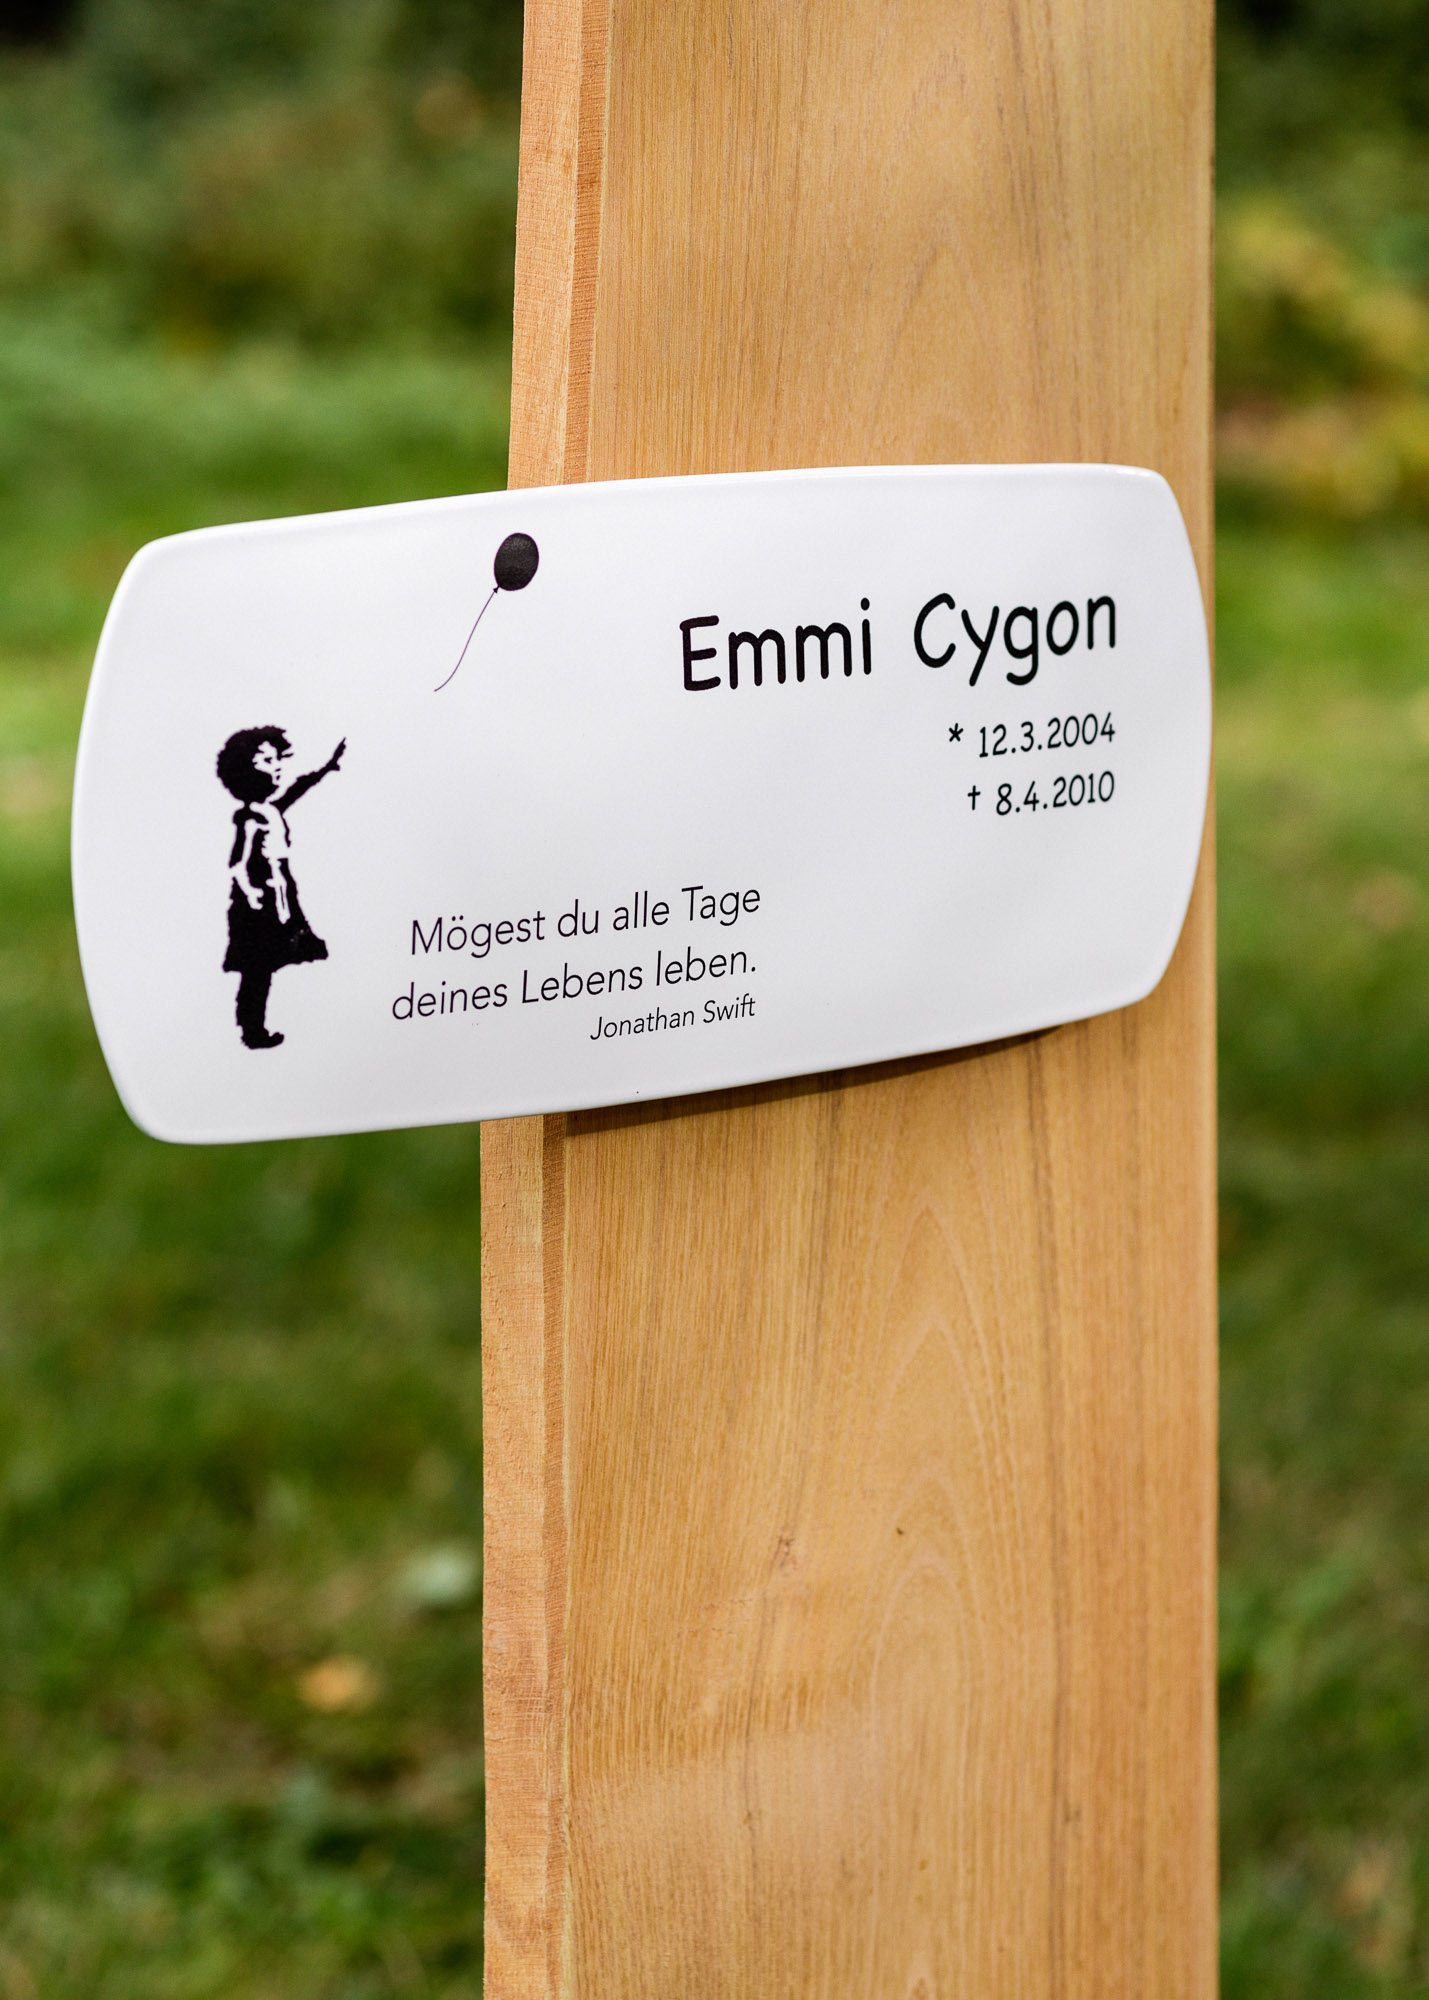 Grabstein aus Holz als Naturbrett mit Emailleschild und Grabinschrift